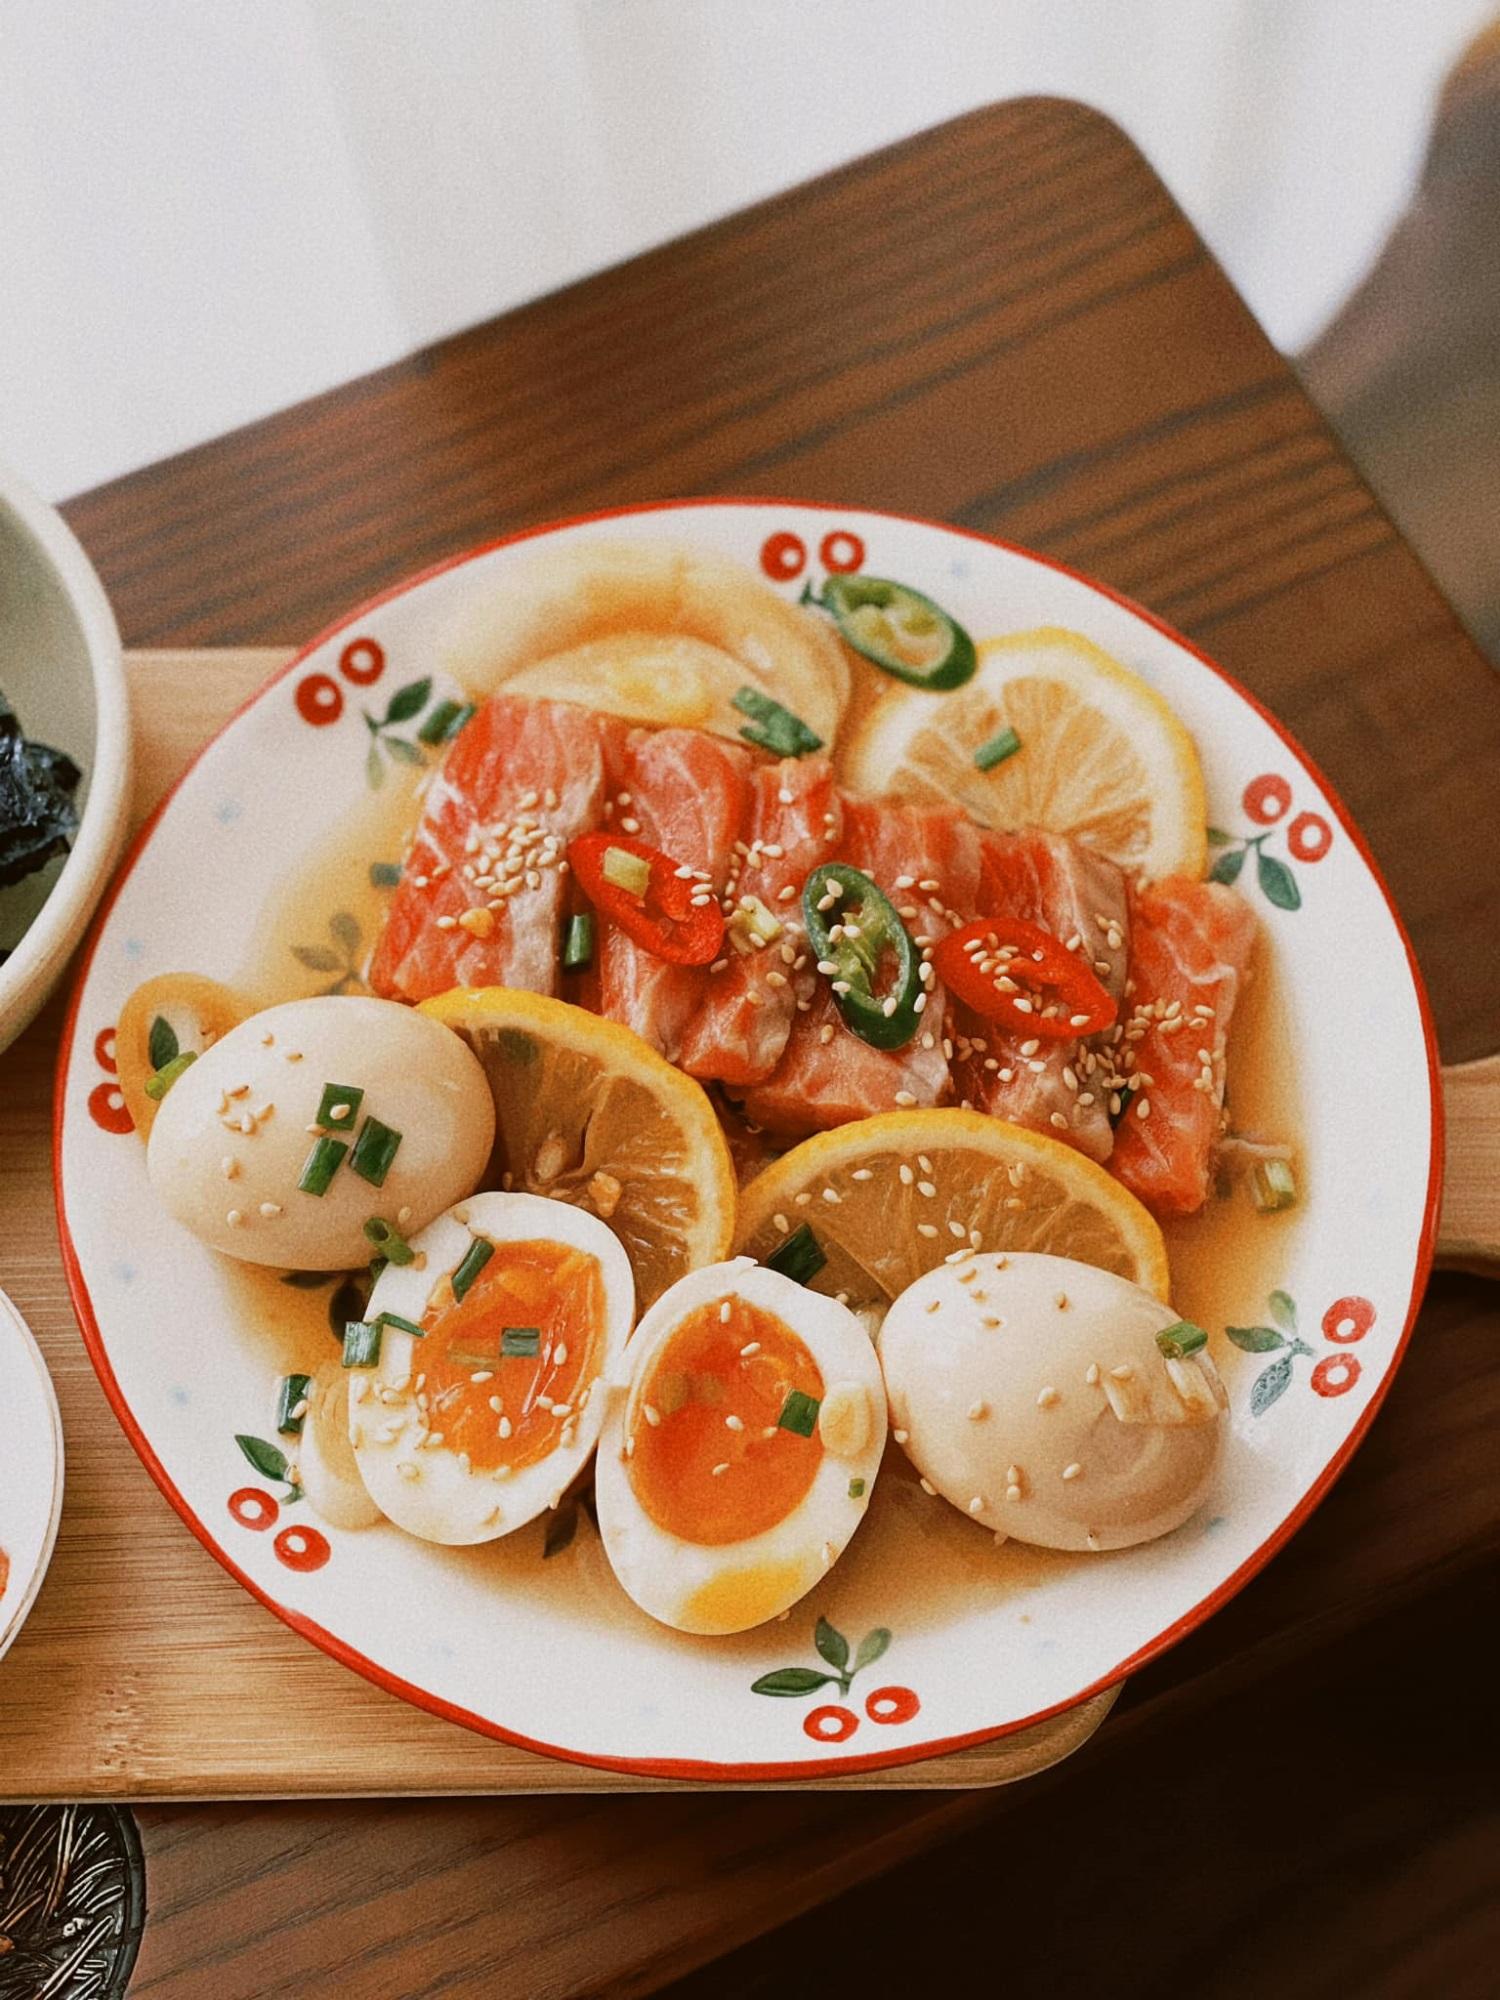 Cách làm cá hồi ngâm tương đậm vị, đưa cơm - ăn một miếng 'tay chân quắn quéo' vì quá ngon - Ảnh 7